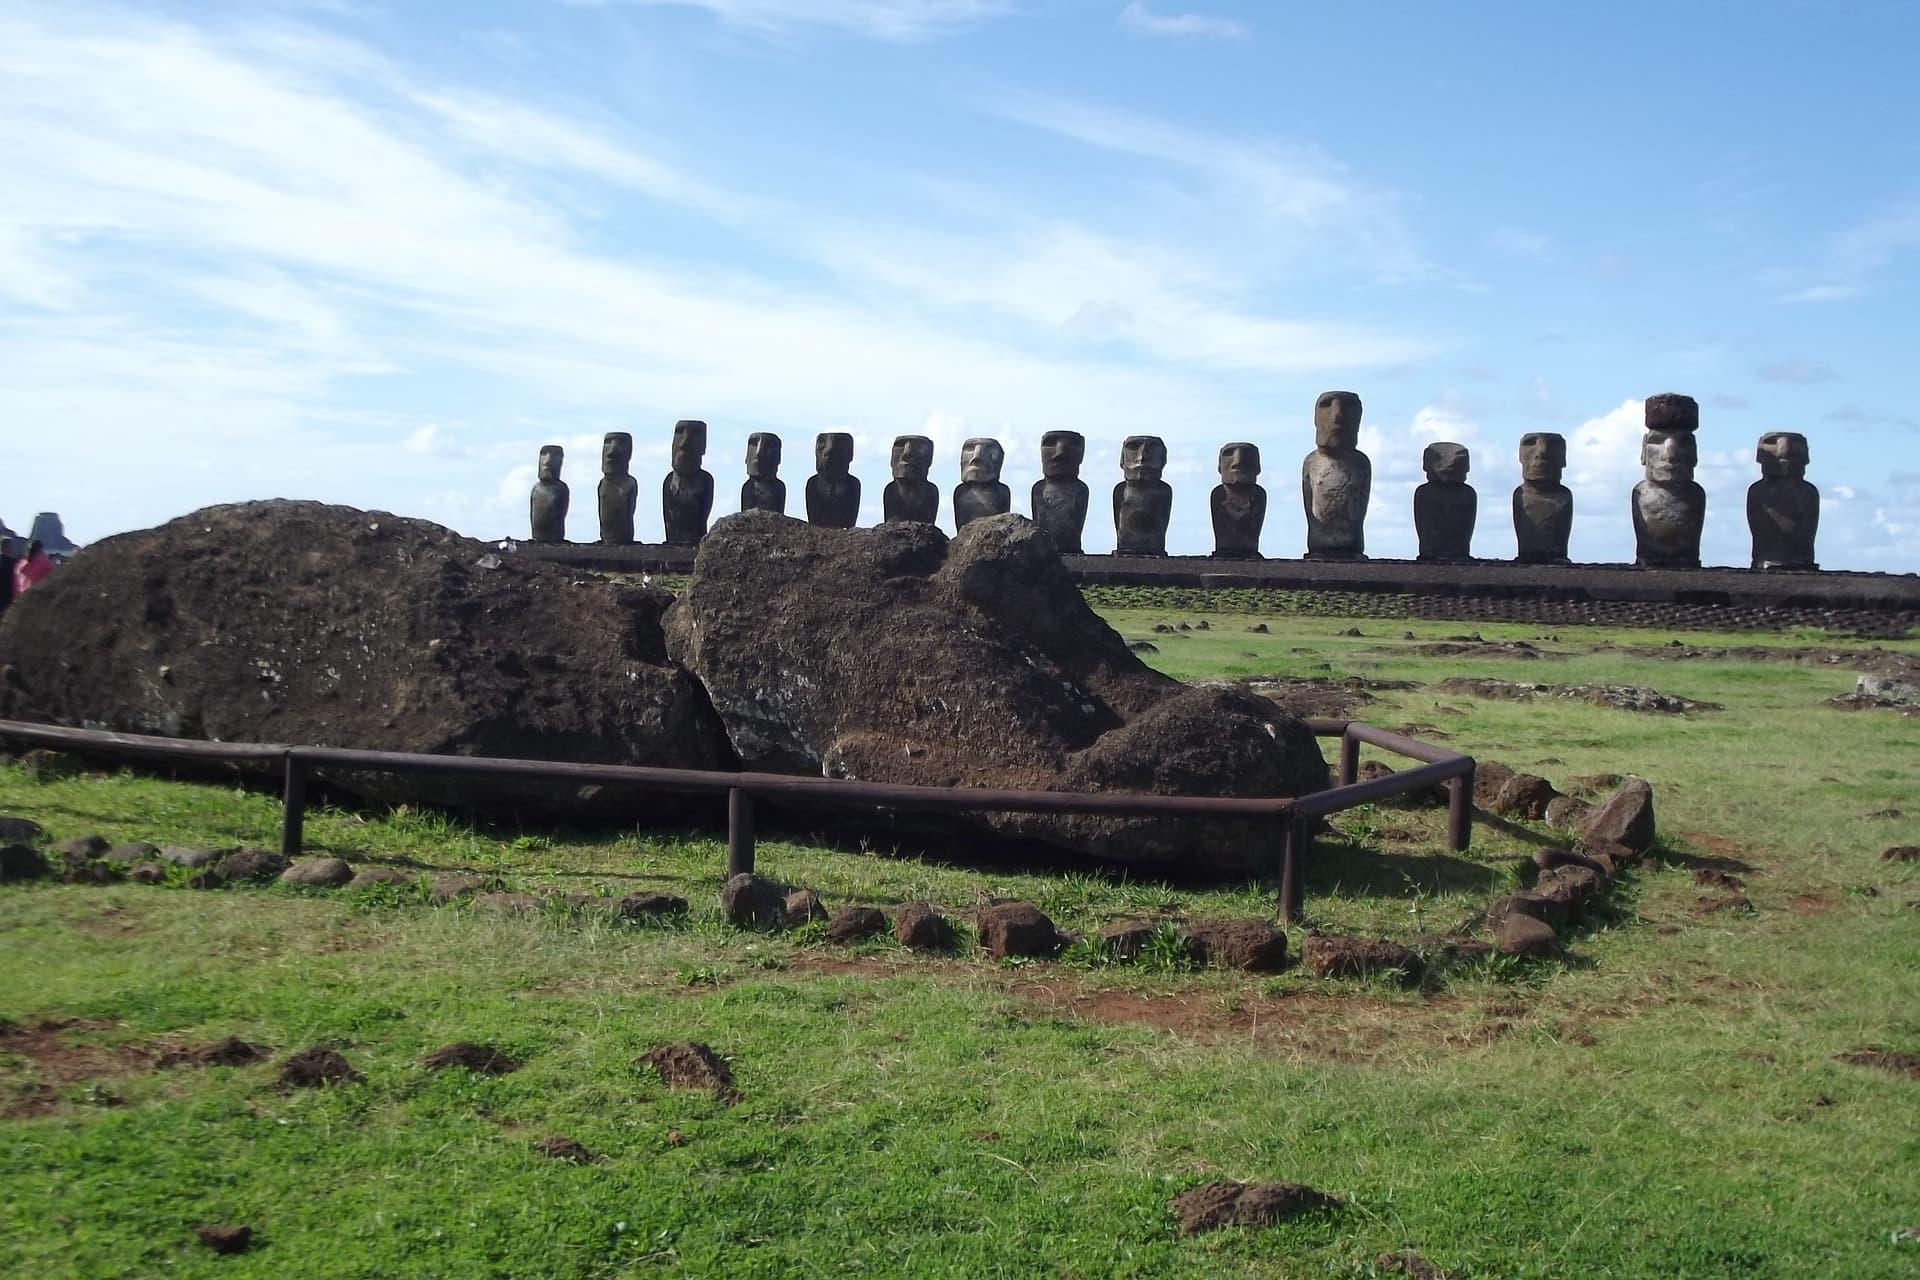 Easter Island moai - monolithic stone statue faces of Rapa Nui